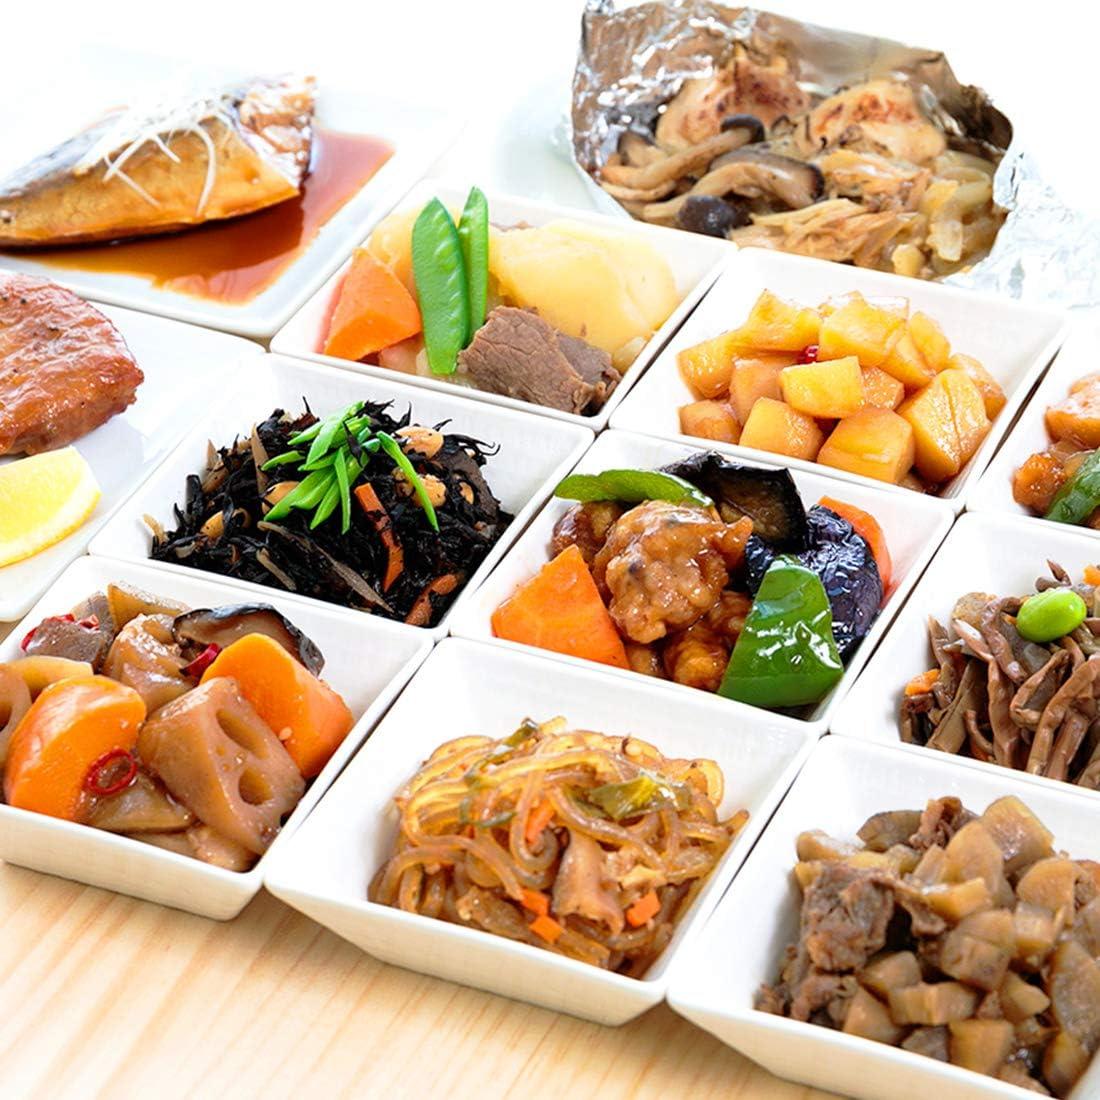 お惣菜おかわり おかわりくんのおすすめセット 惣菜 冷凍食品 おかず 詰め合わせ セット 合計48パック (12種類×4パック)